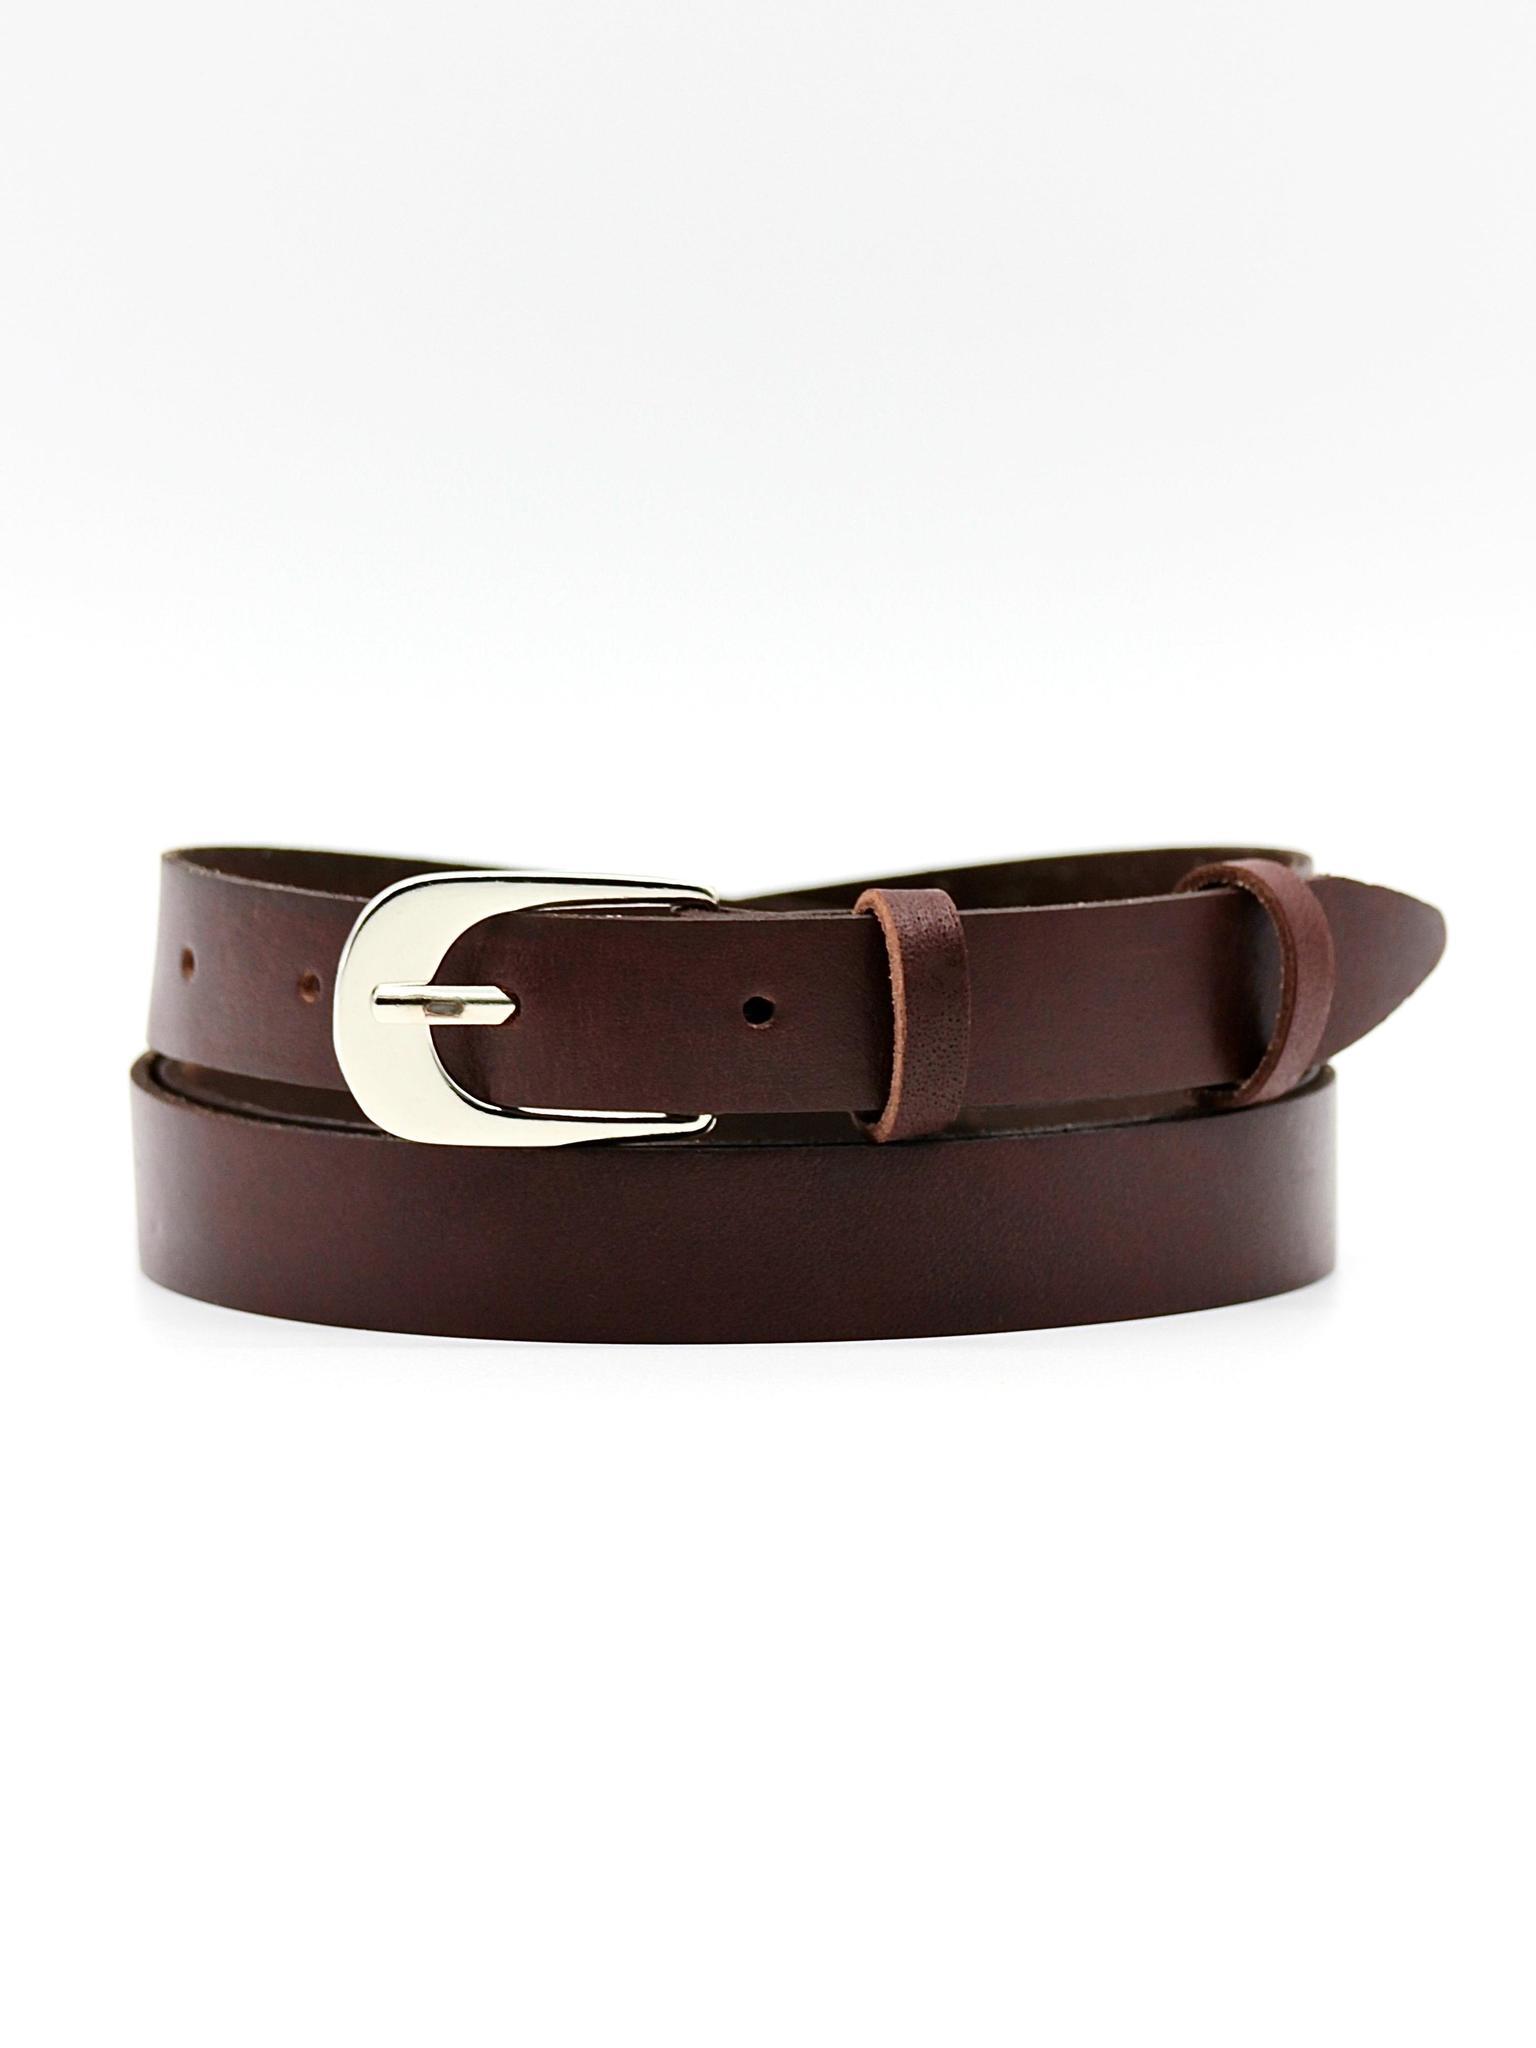 Женский кожаный тёмно-коричневый ремень 20 мм Coscet WW20-1-5